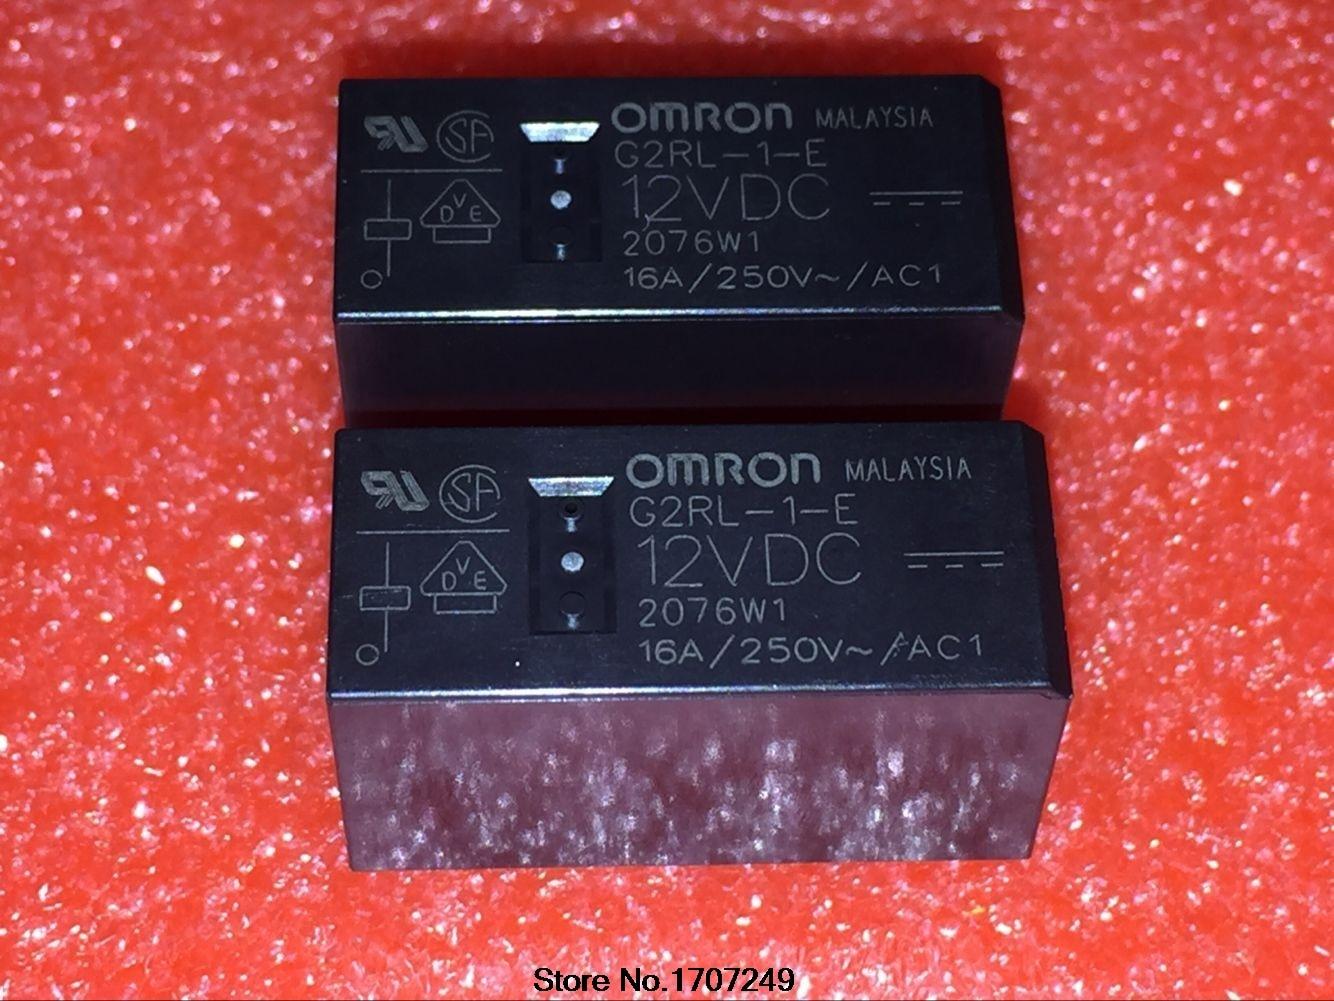 Free Shipping new original Omron relay 10pcs/lot G2RL-1-E-12VDC G2RL-1-E-DC12V G2RL-1-E-12V G2RL-1-E 12VDC relay oa 5611 48 2502l1 61 12vdc oa5611 48 2502l1 61 oa 5611 48 2502l1 61 oa5611482502l161 12vdc dc12v 12v dip10 1pcs lot